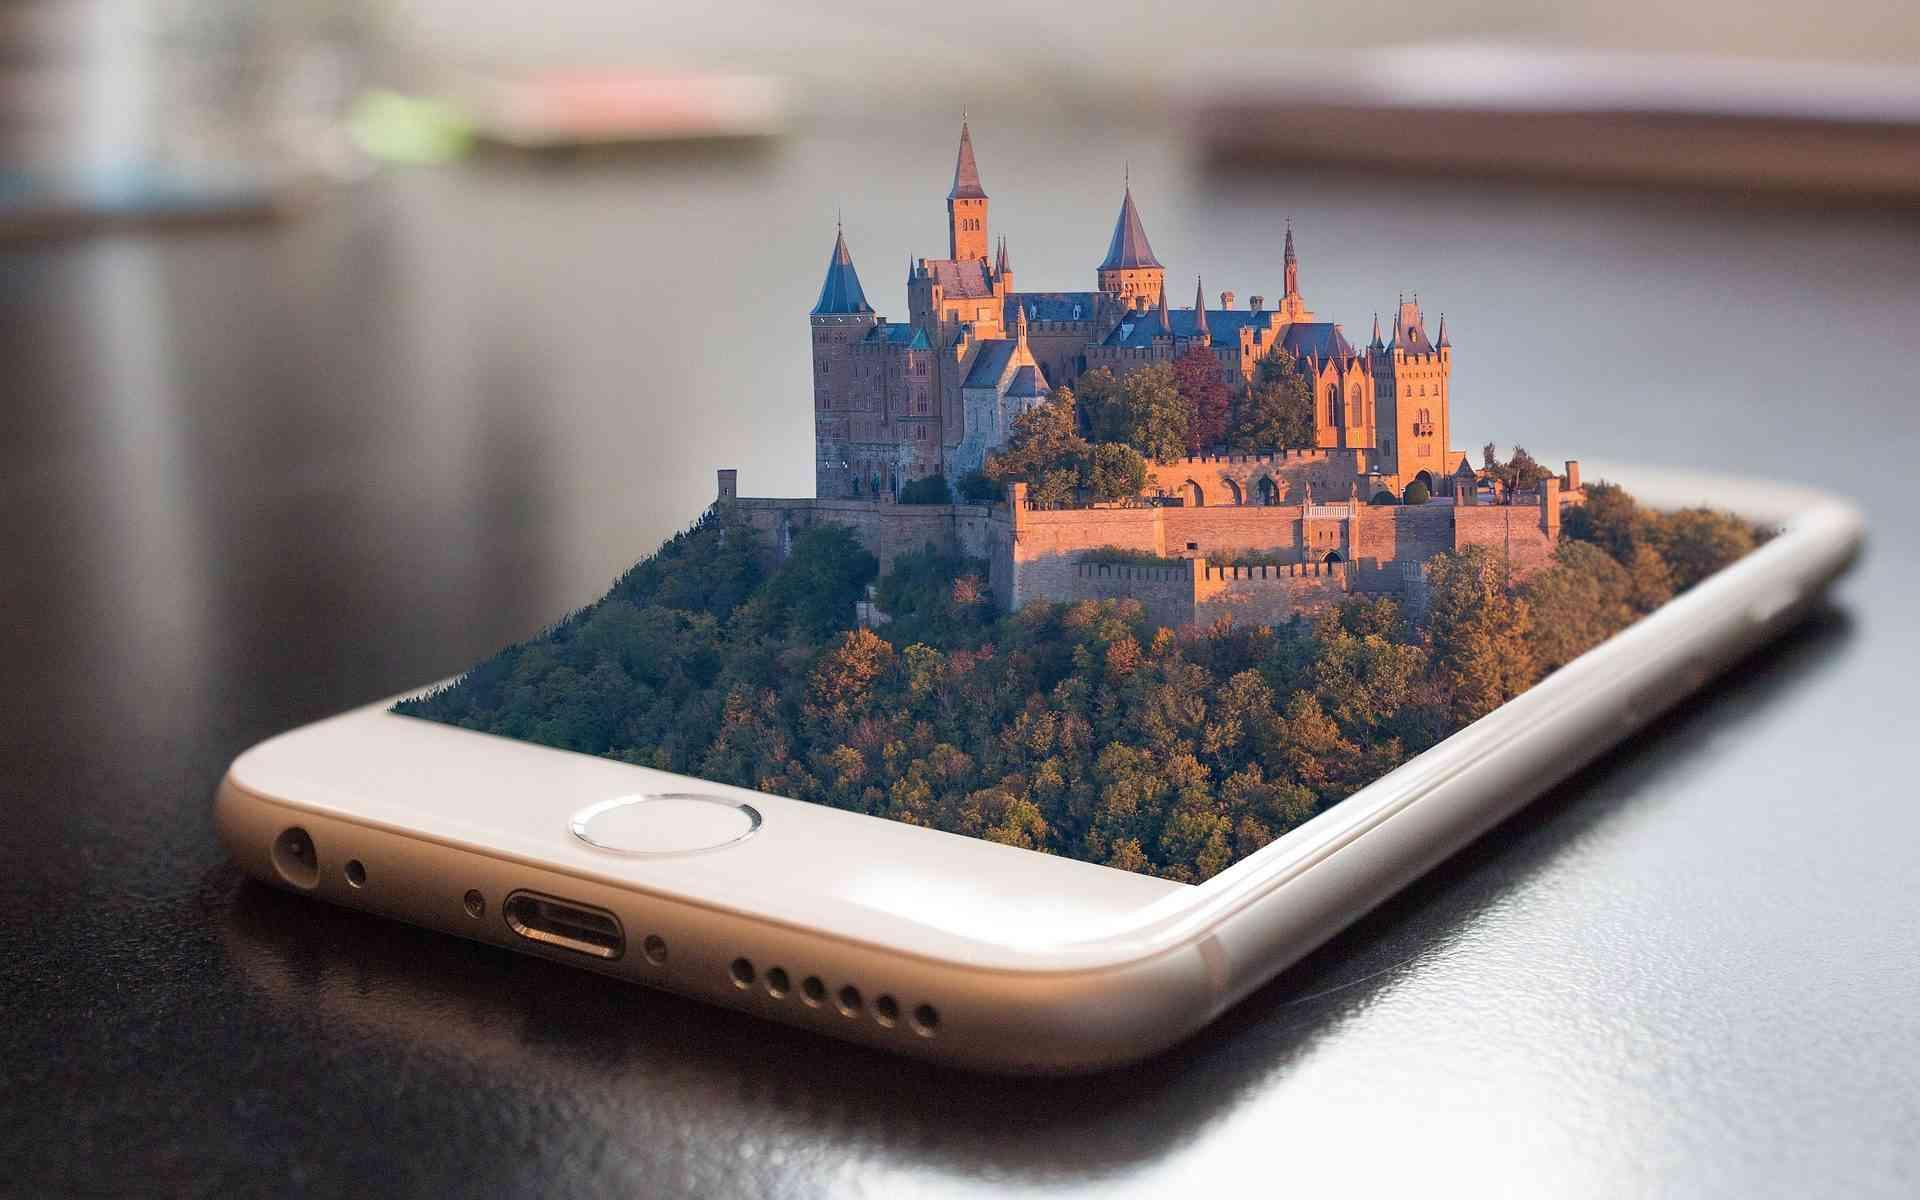 Cómo ha cambiado la cámara del iPhone